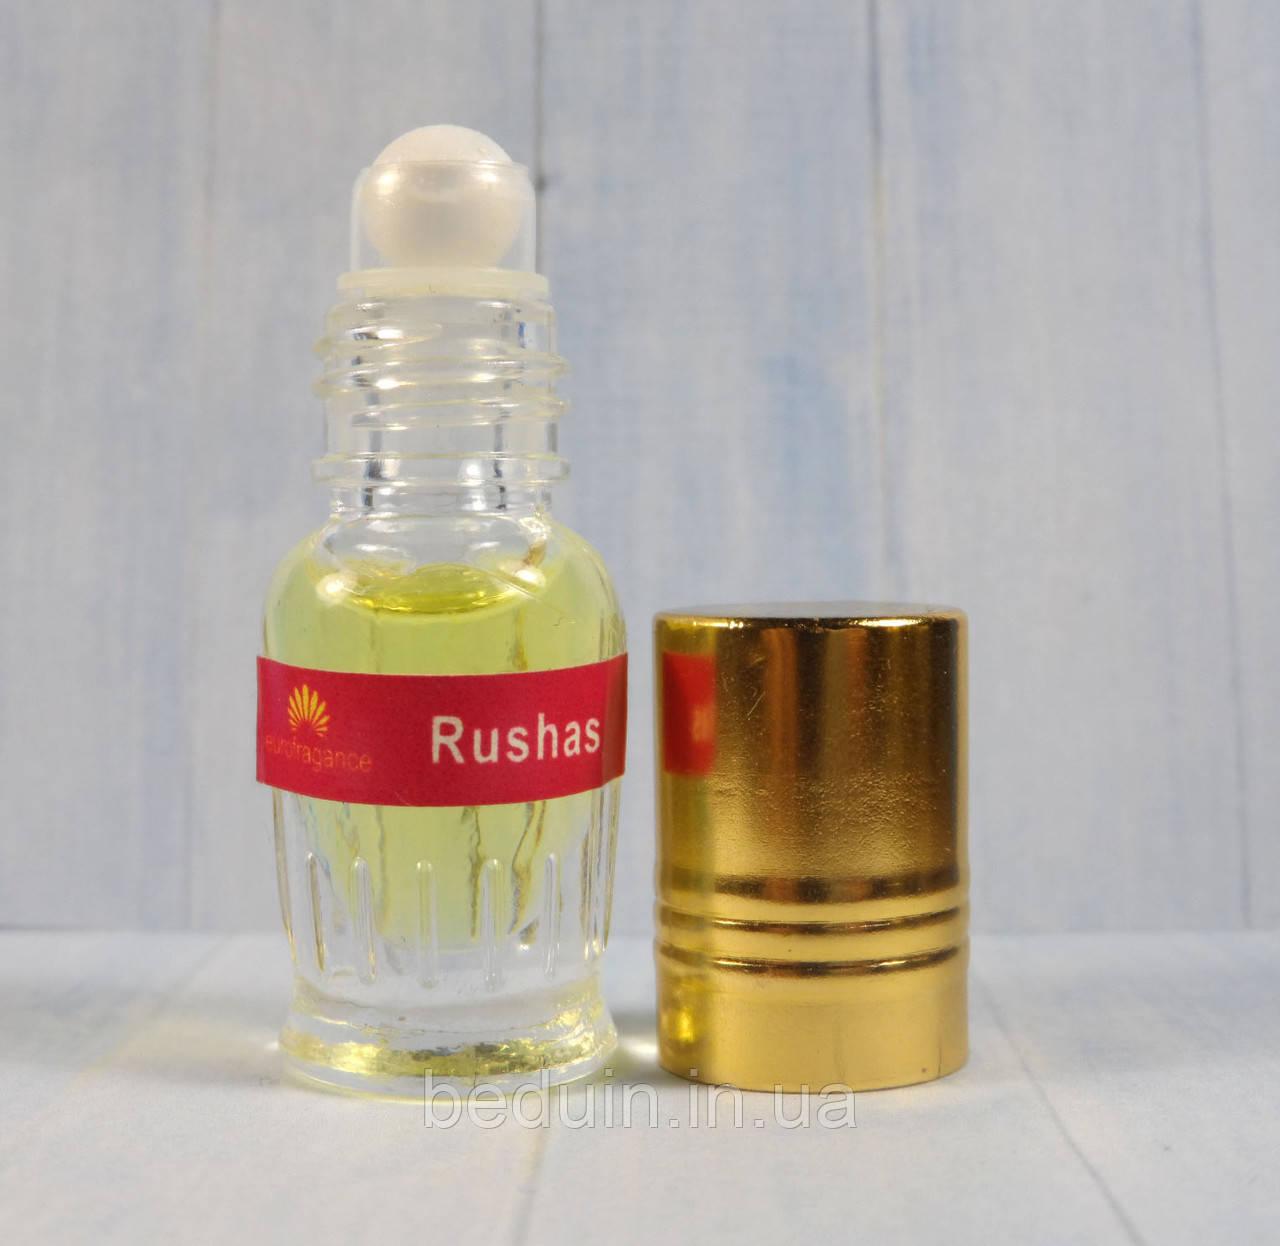 rushas_2.jpg